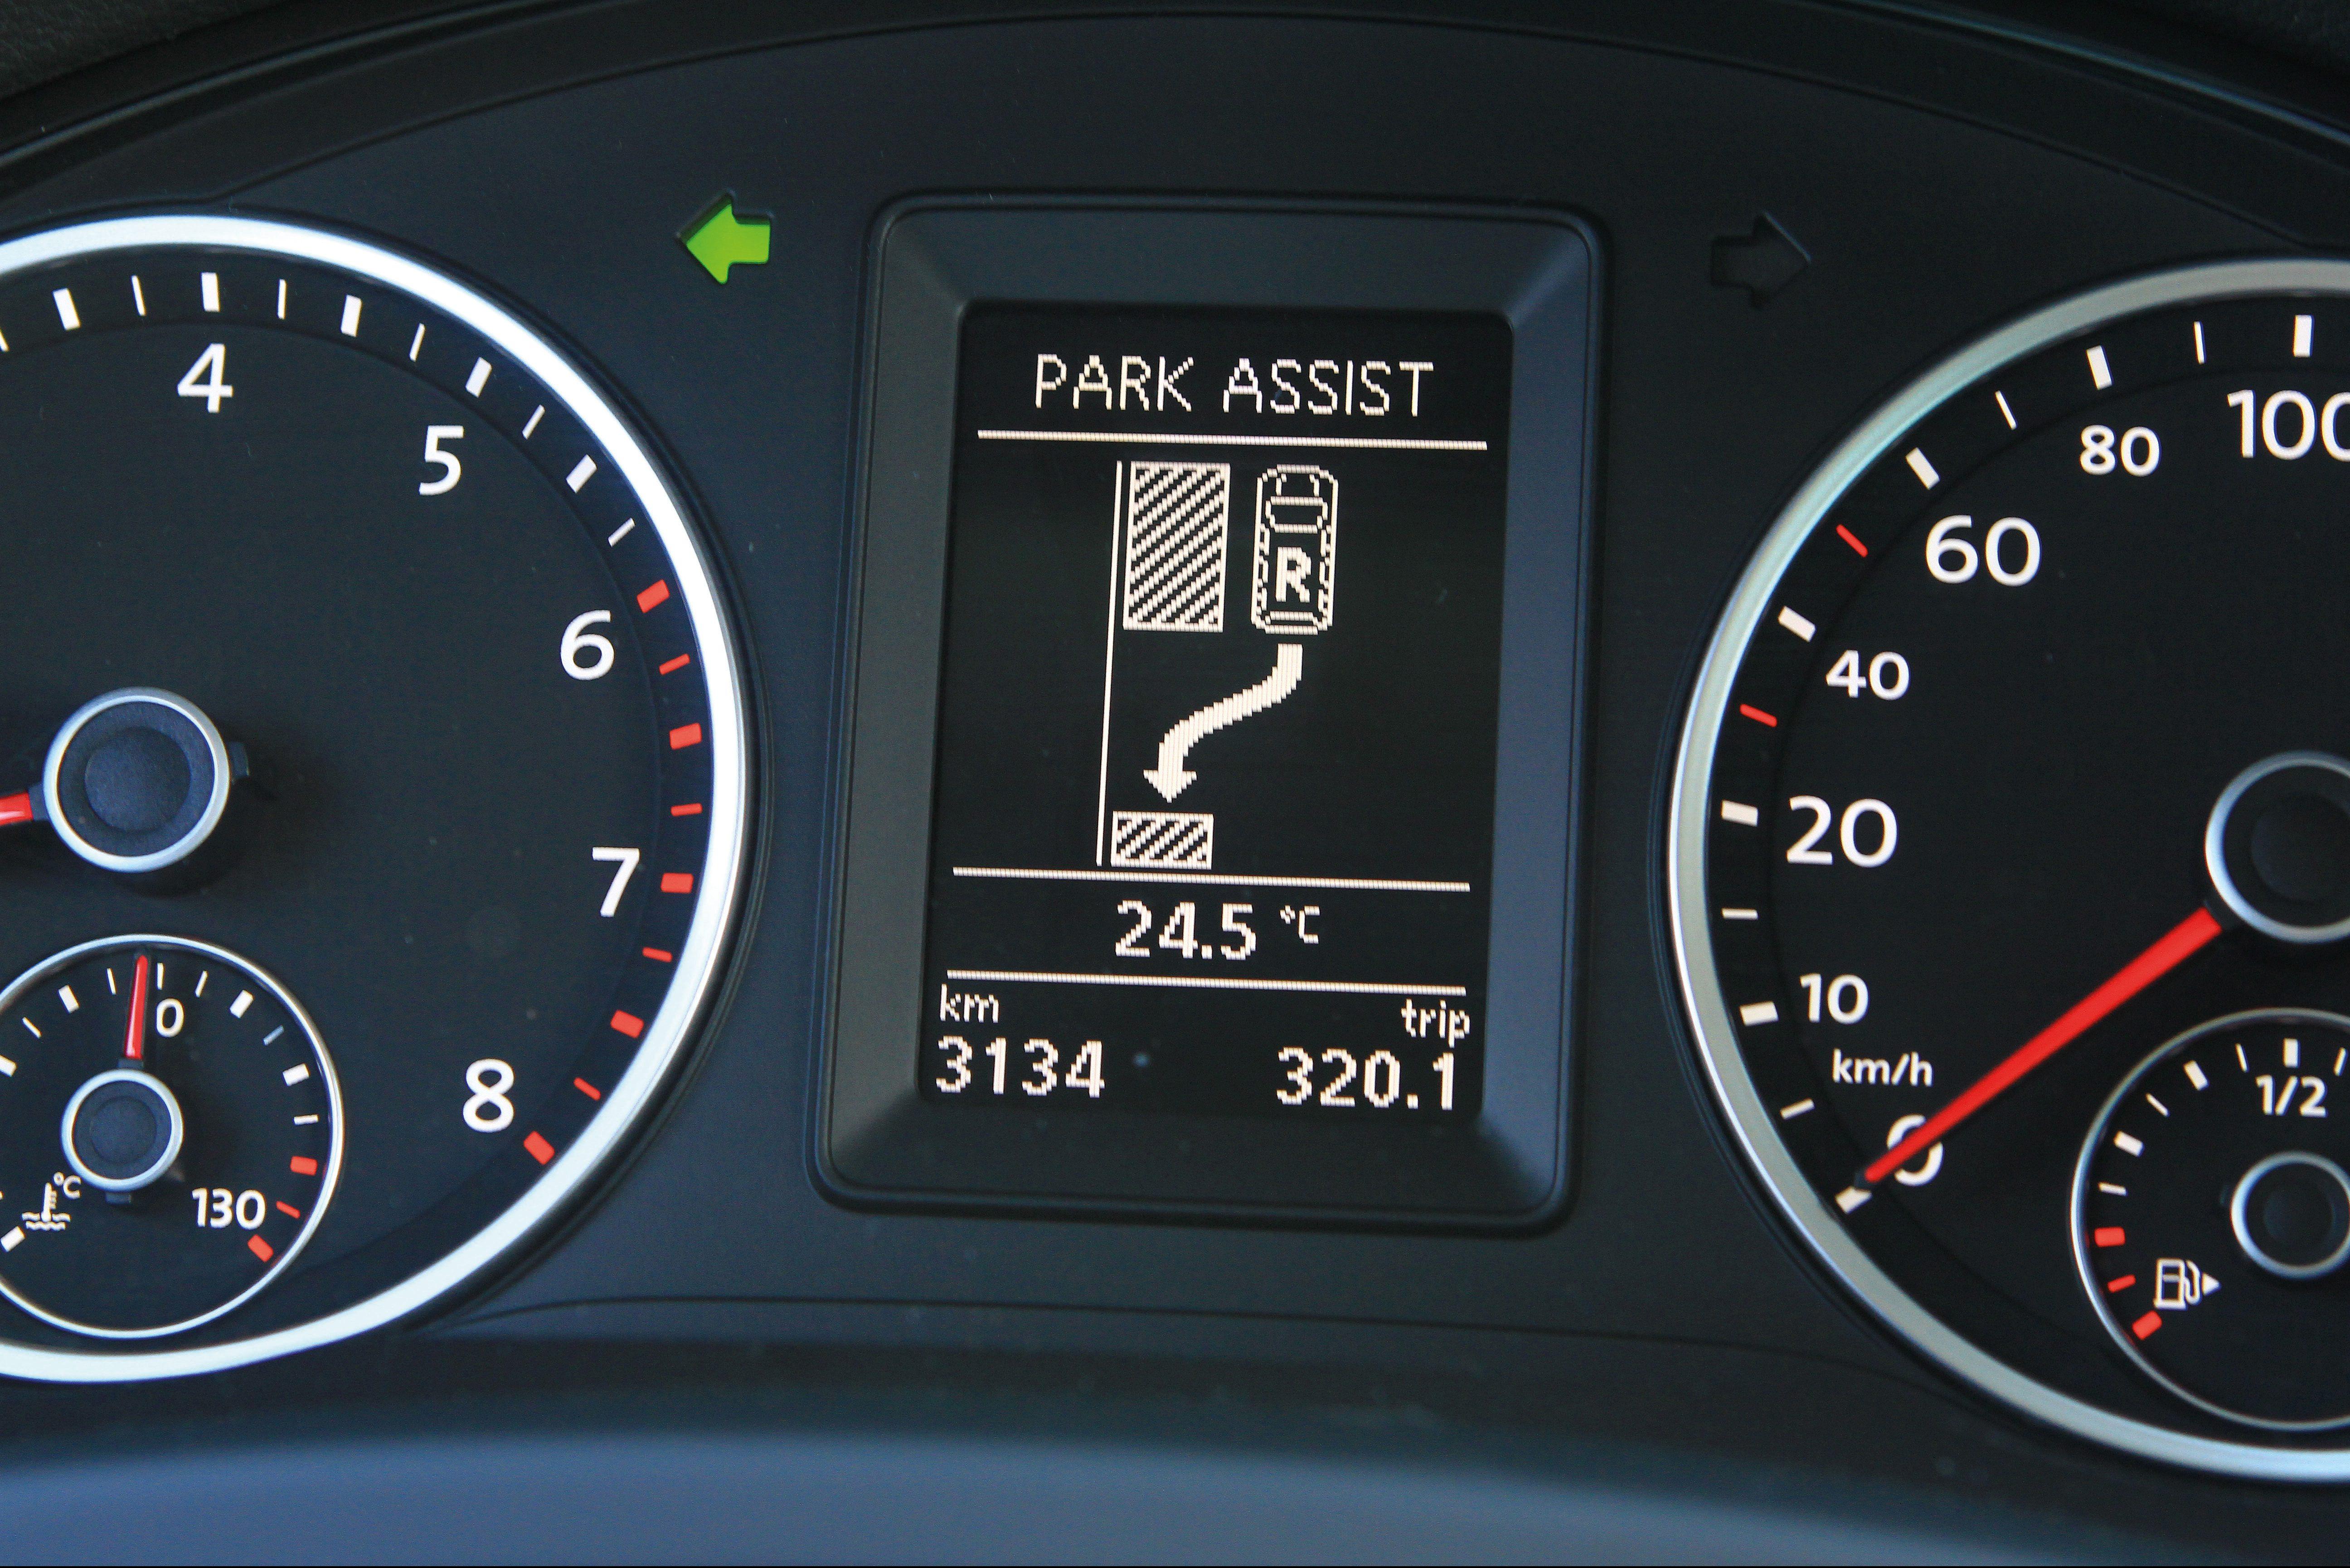 Tiguan-da-Volkswagen-com-Park-Assist-controle-remoto-instalado-no-painel-que-e-e1590591650894.jpg